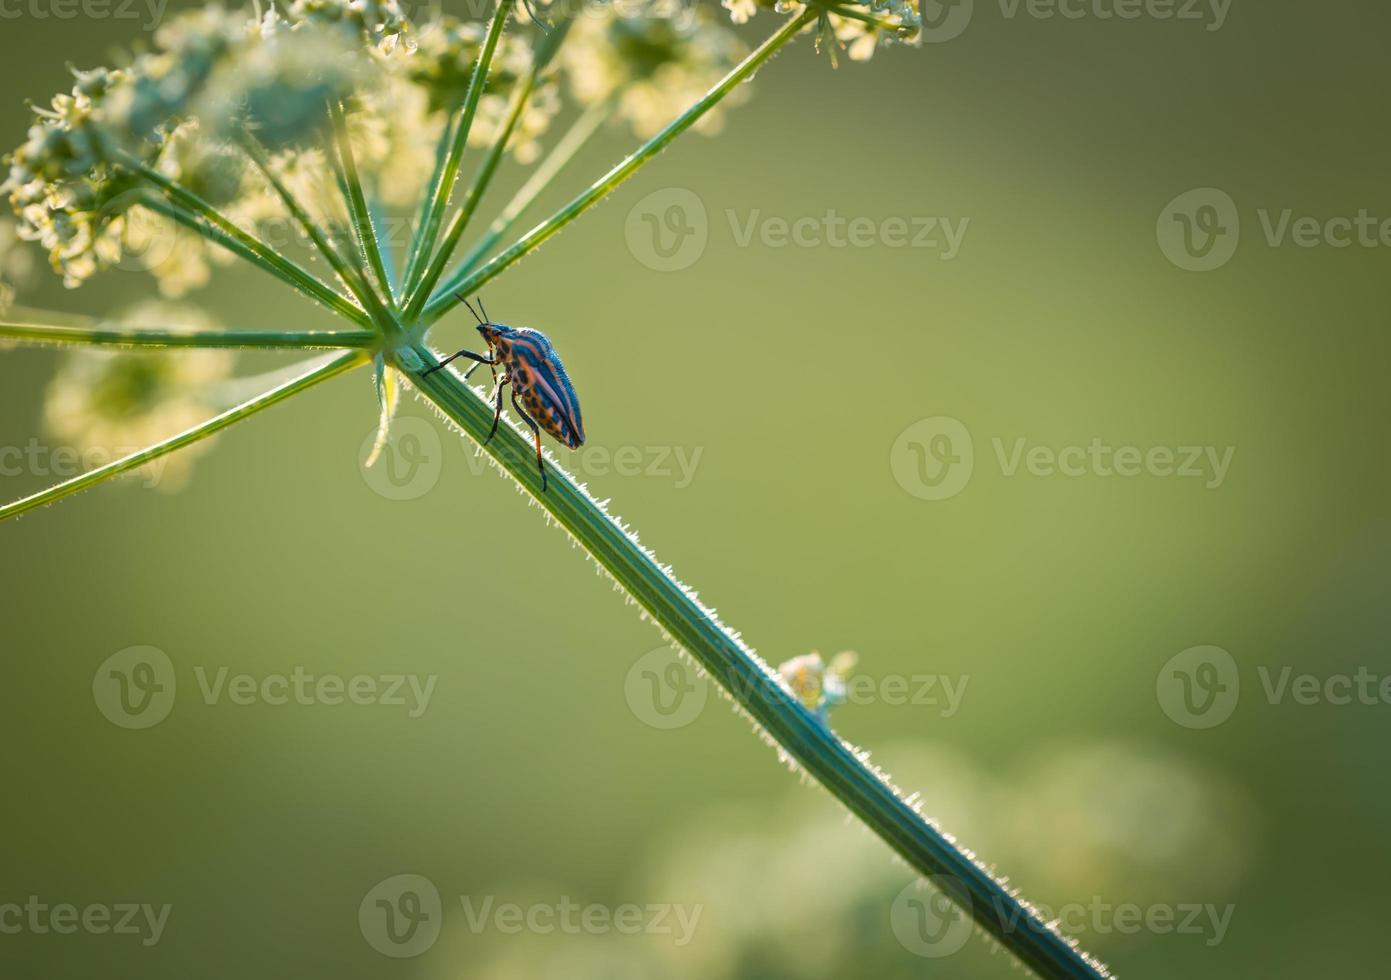 närbild av buggen som sitter på växten foto